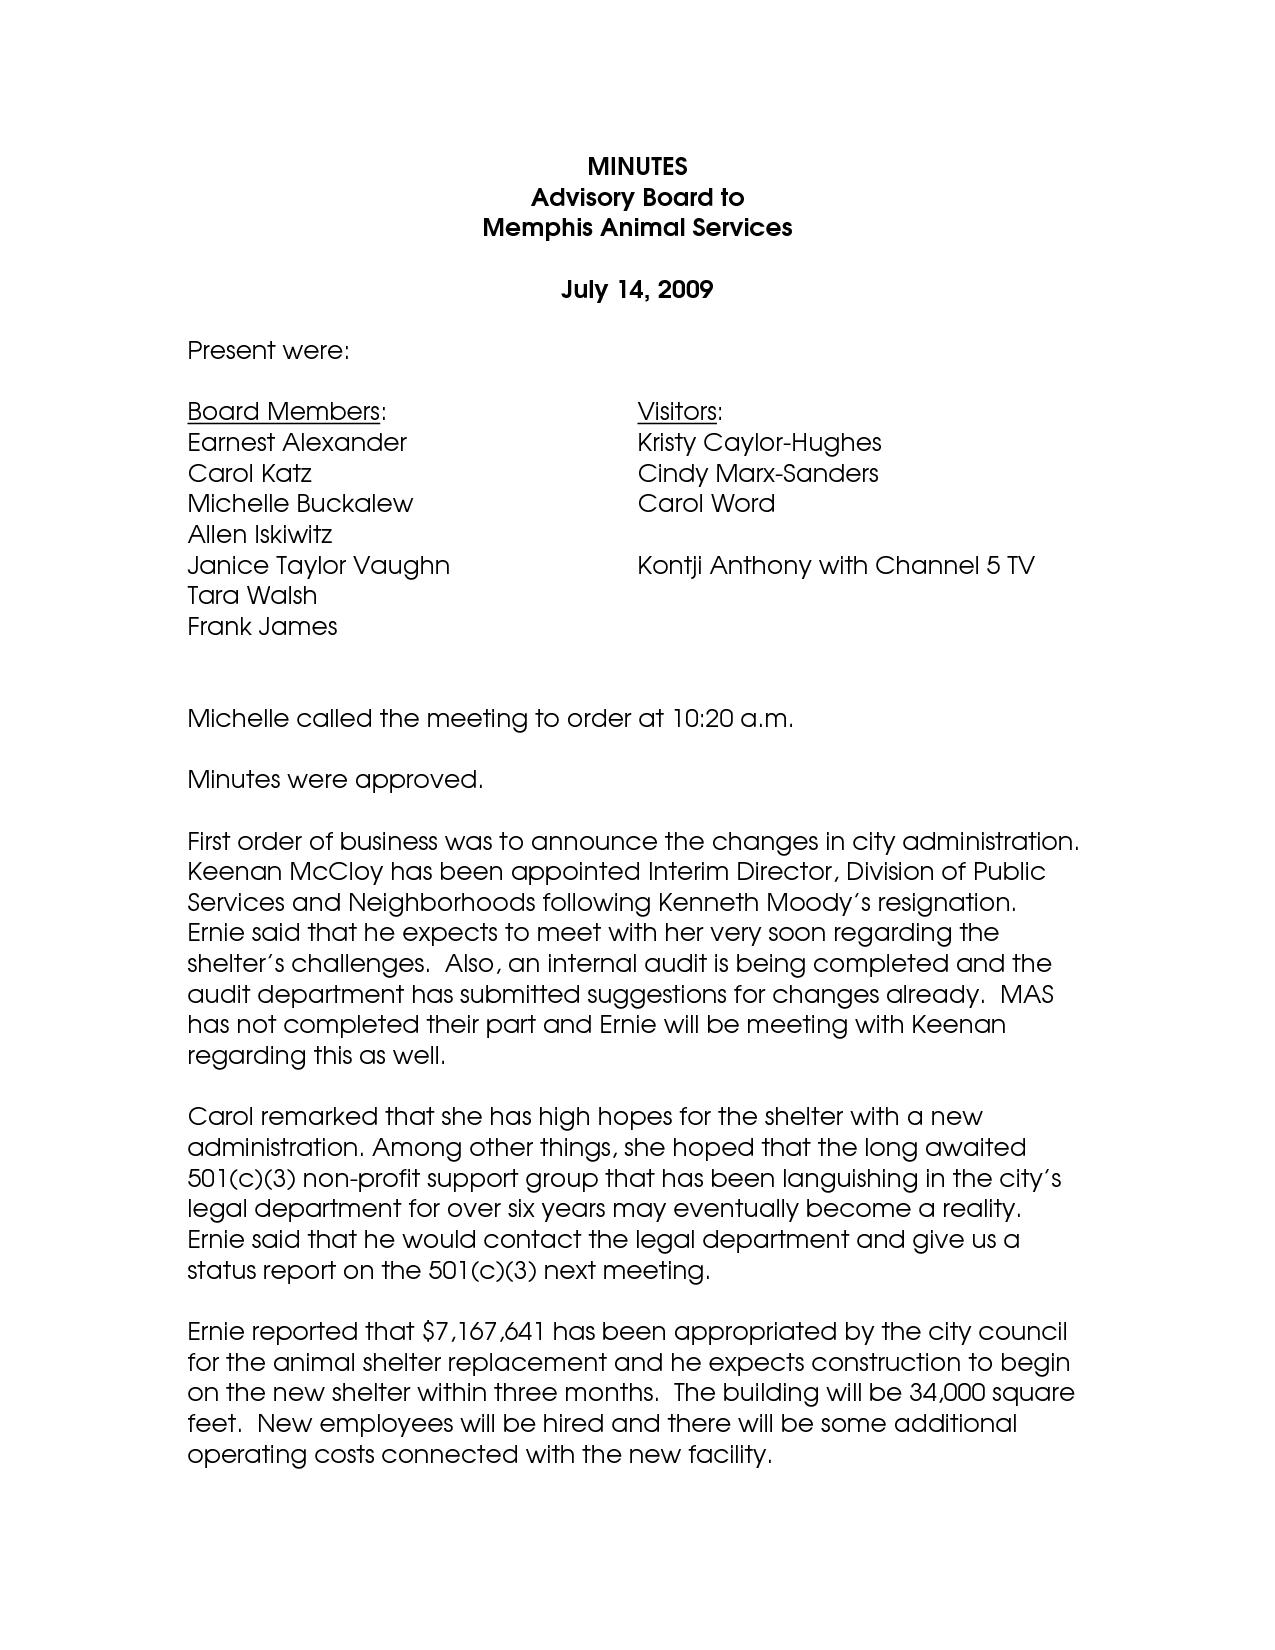 Non Profit Cover Letter Sample Board Resignation Letter Sample And Non Profit Example From  Home